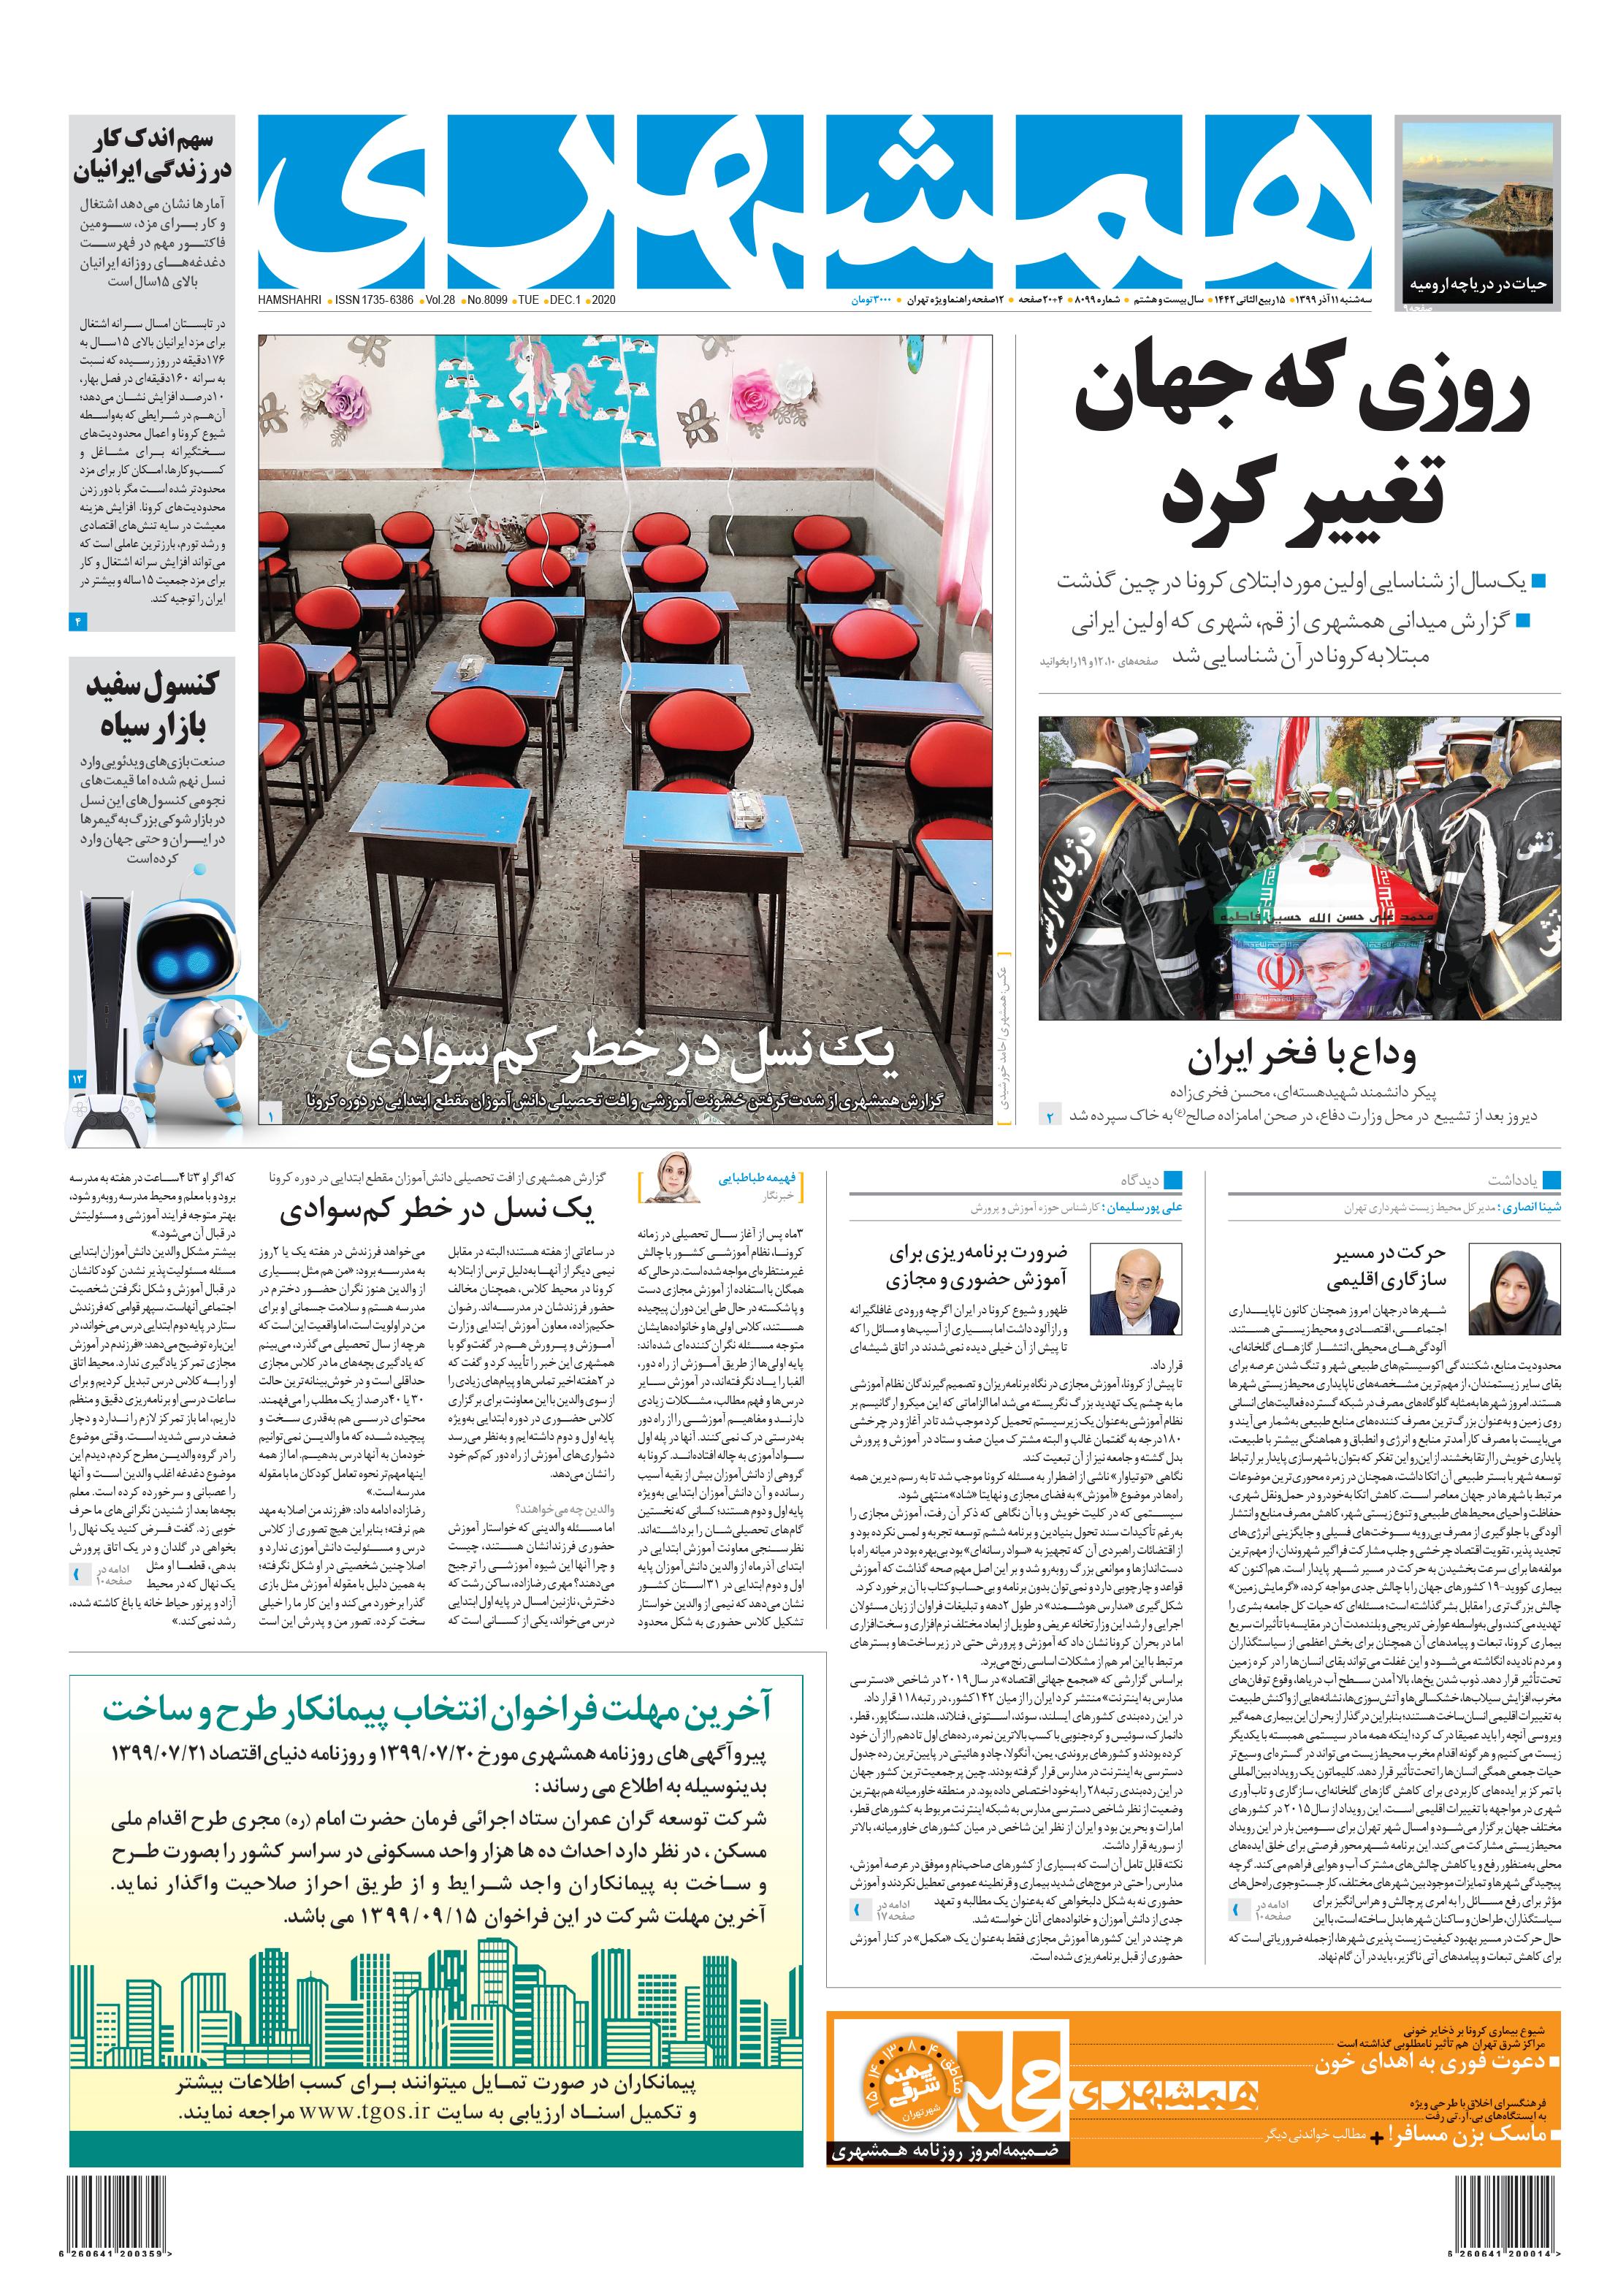 صفحه اول سهشنبه 11 آذر 1399